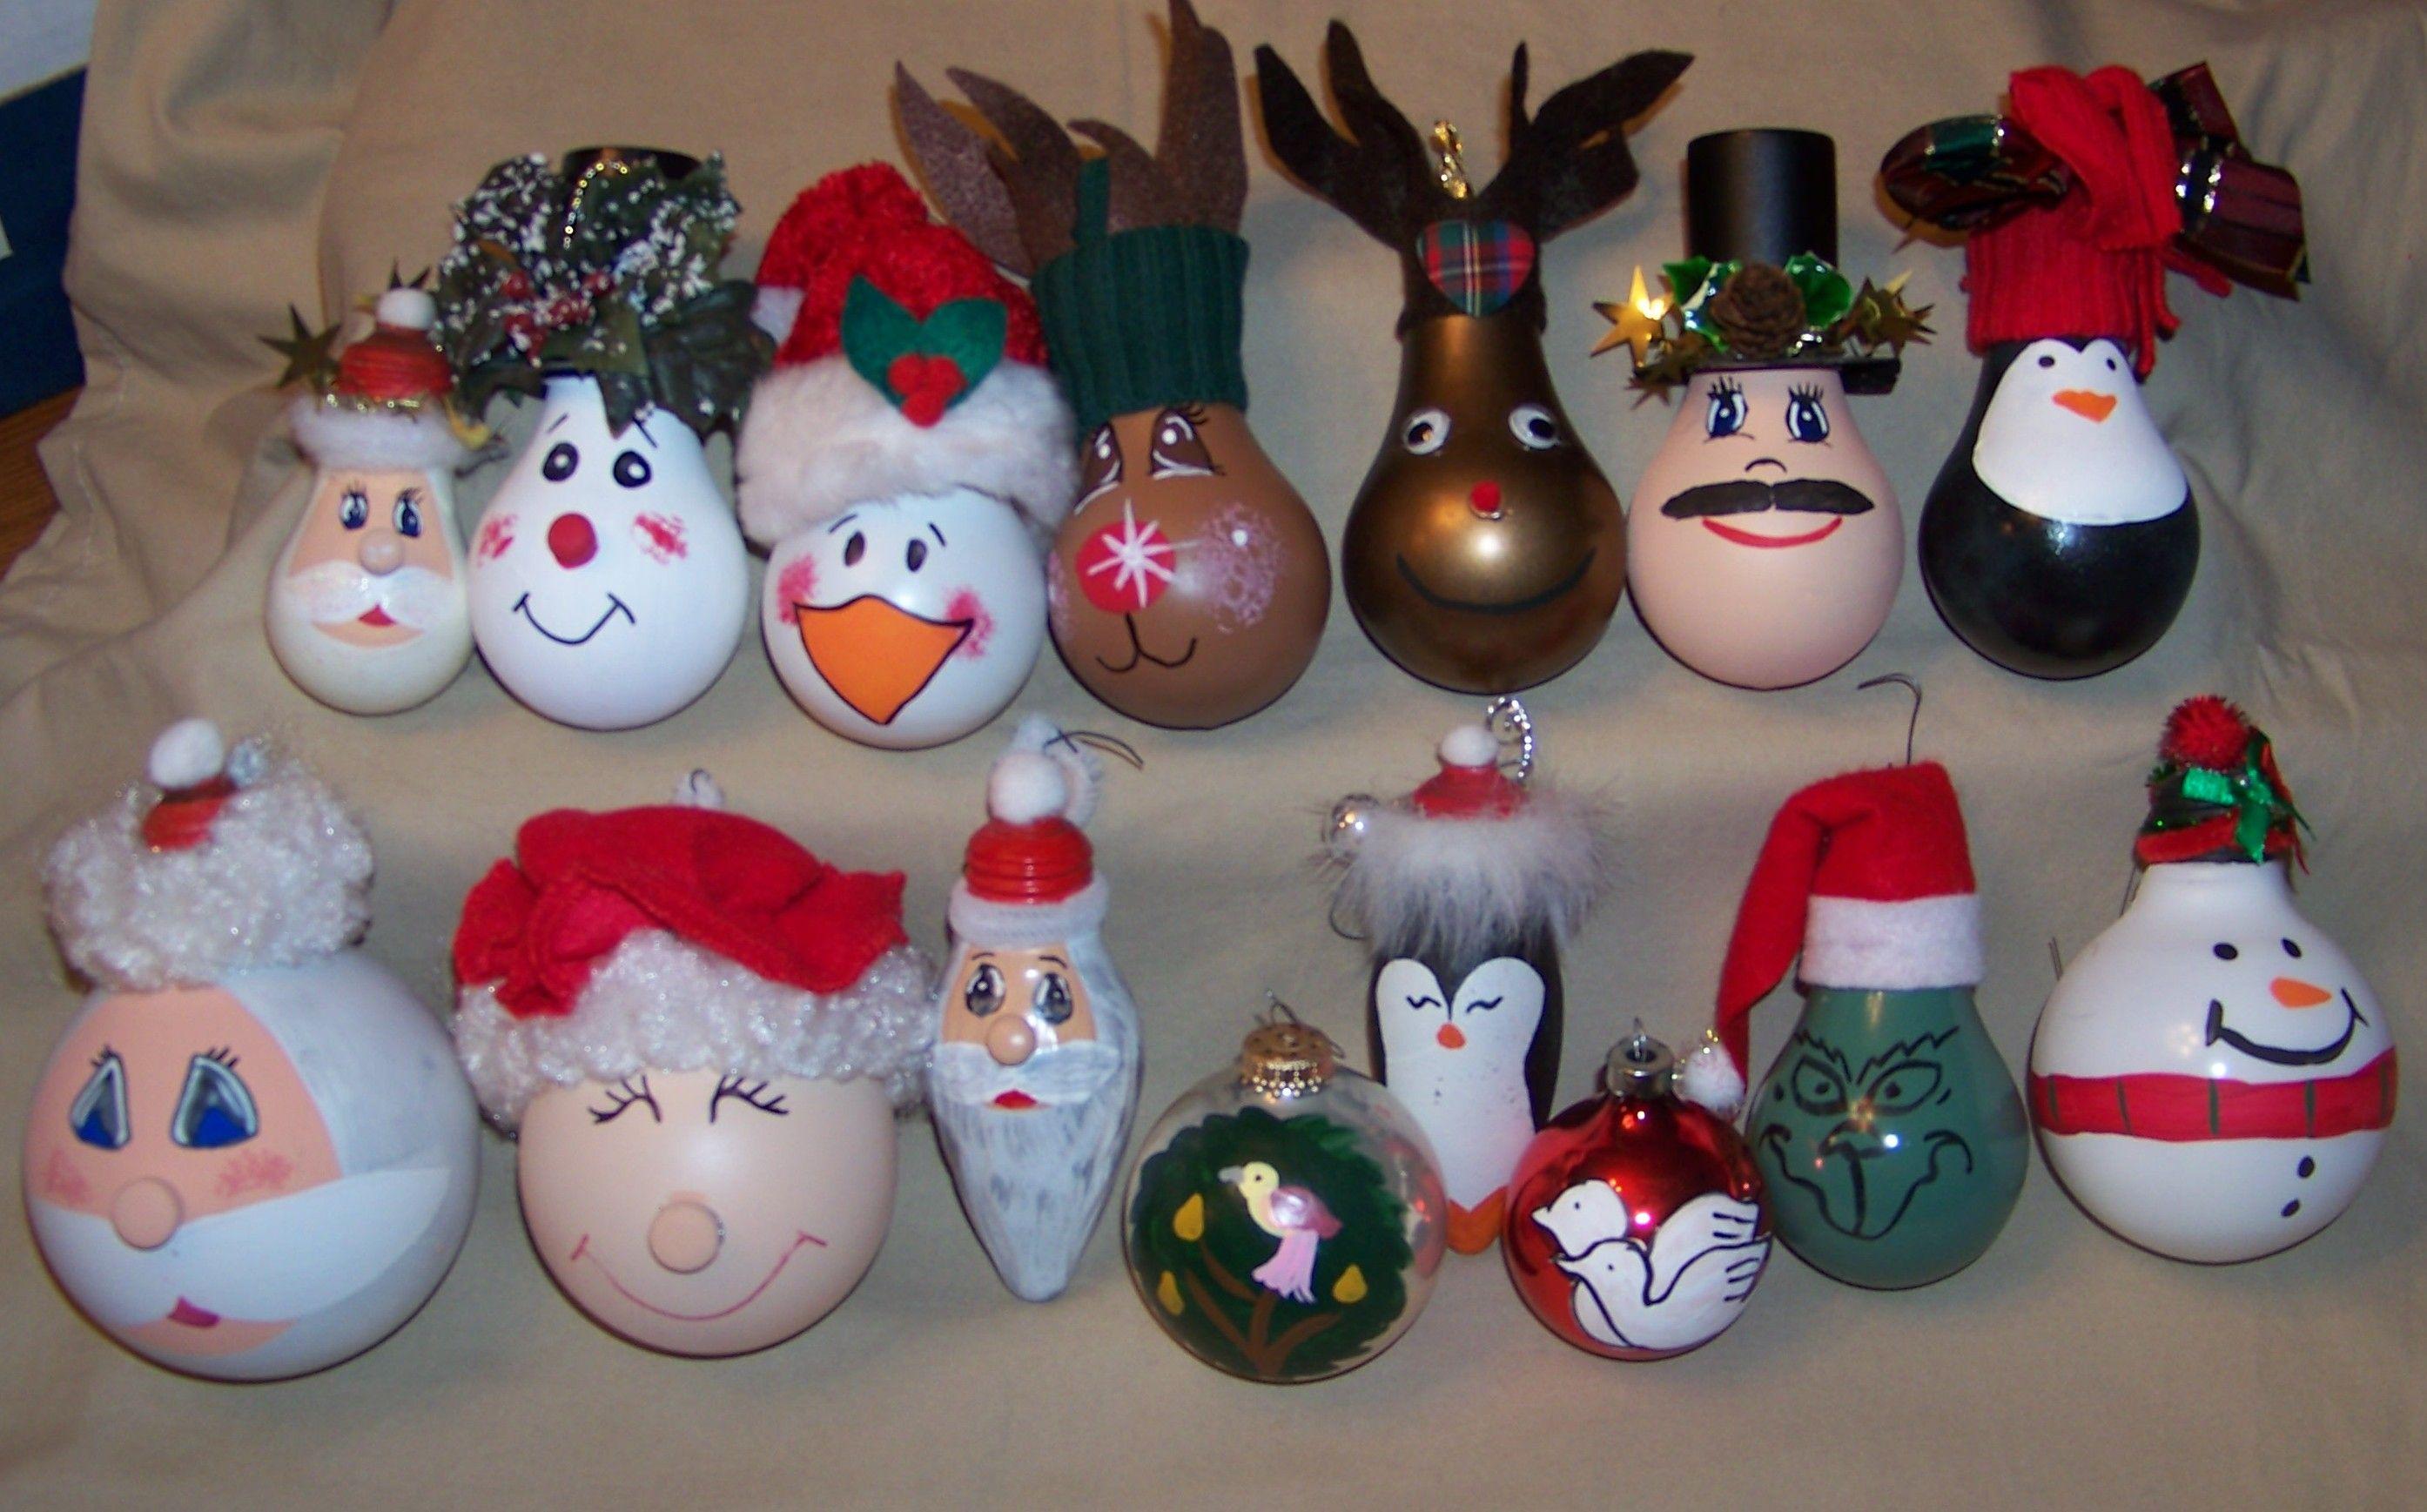 More Light Bulb Christmas Ornaments Light It Up Christbaumschmuck Weihnachtskugeln Weihnachten